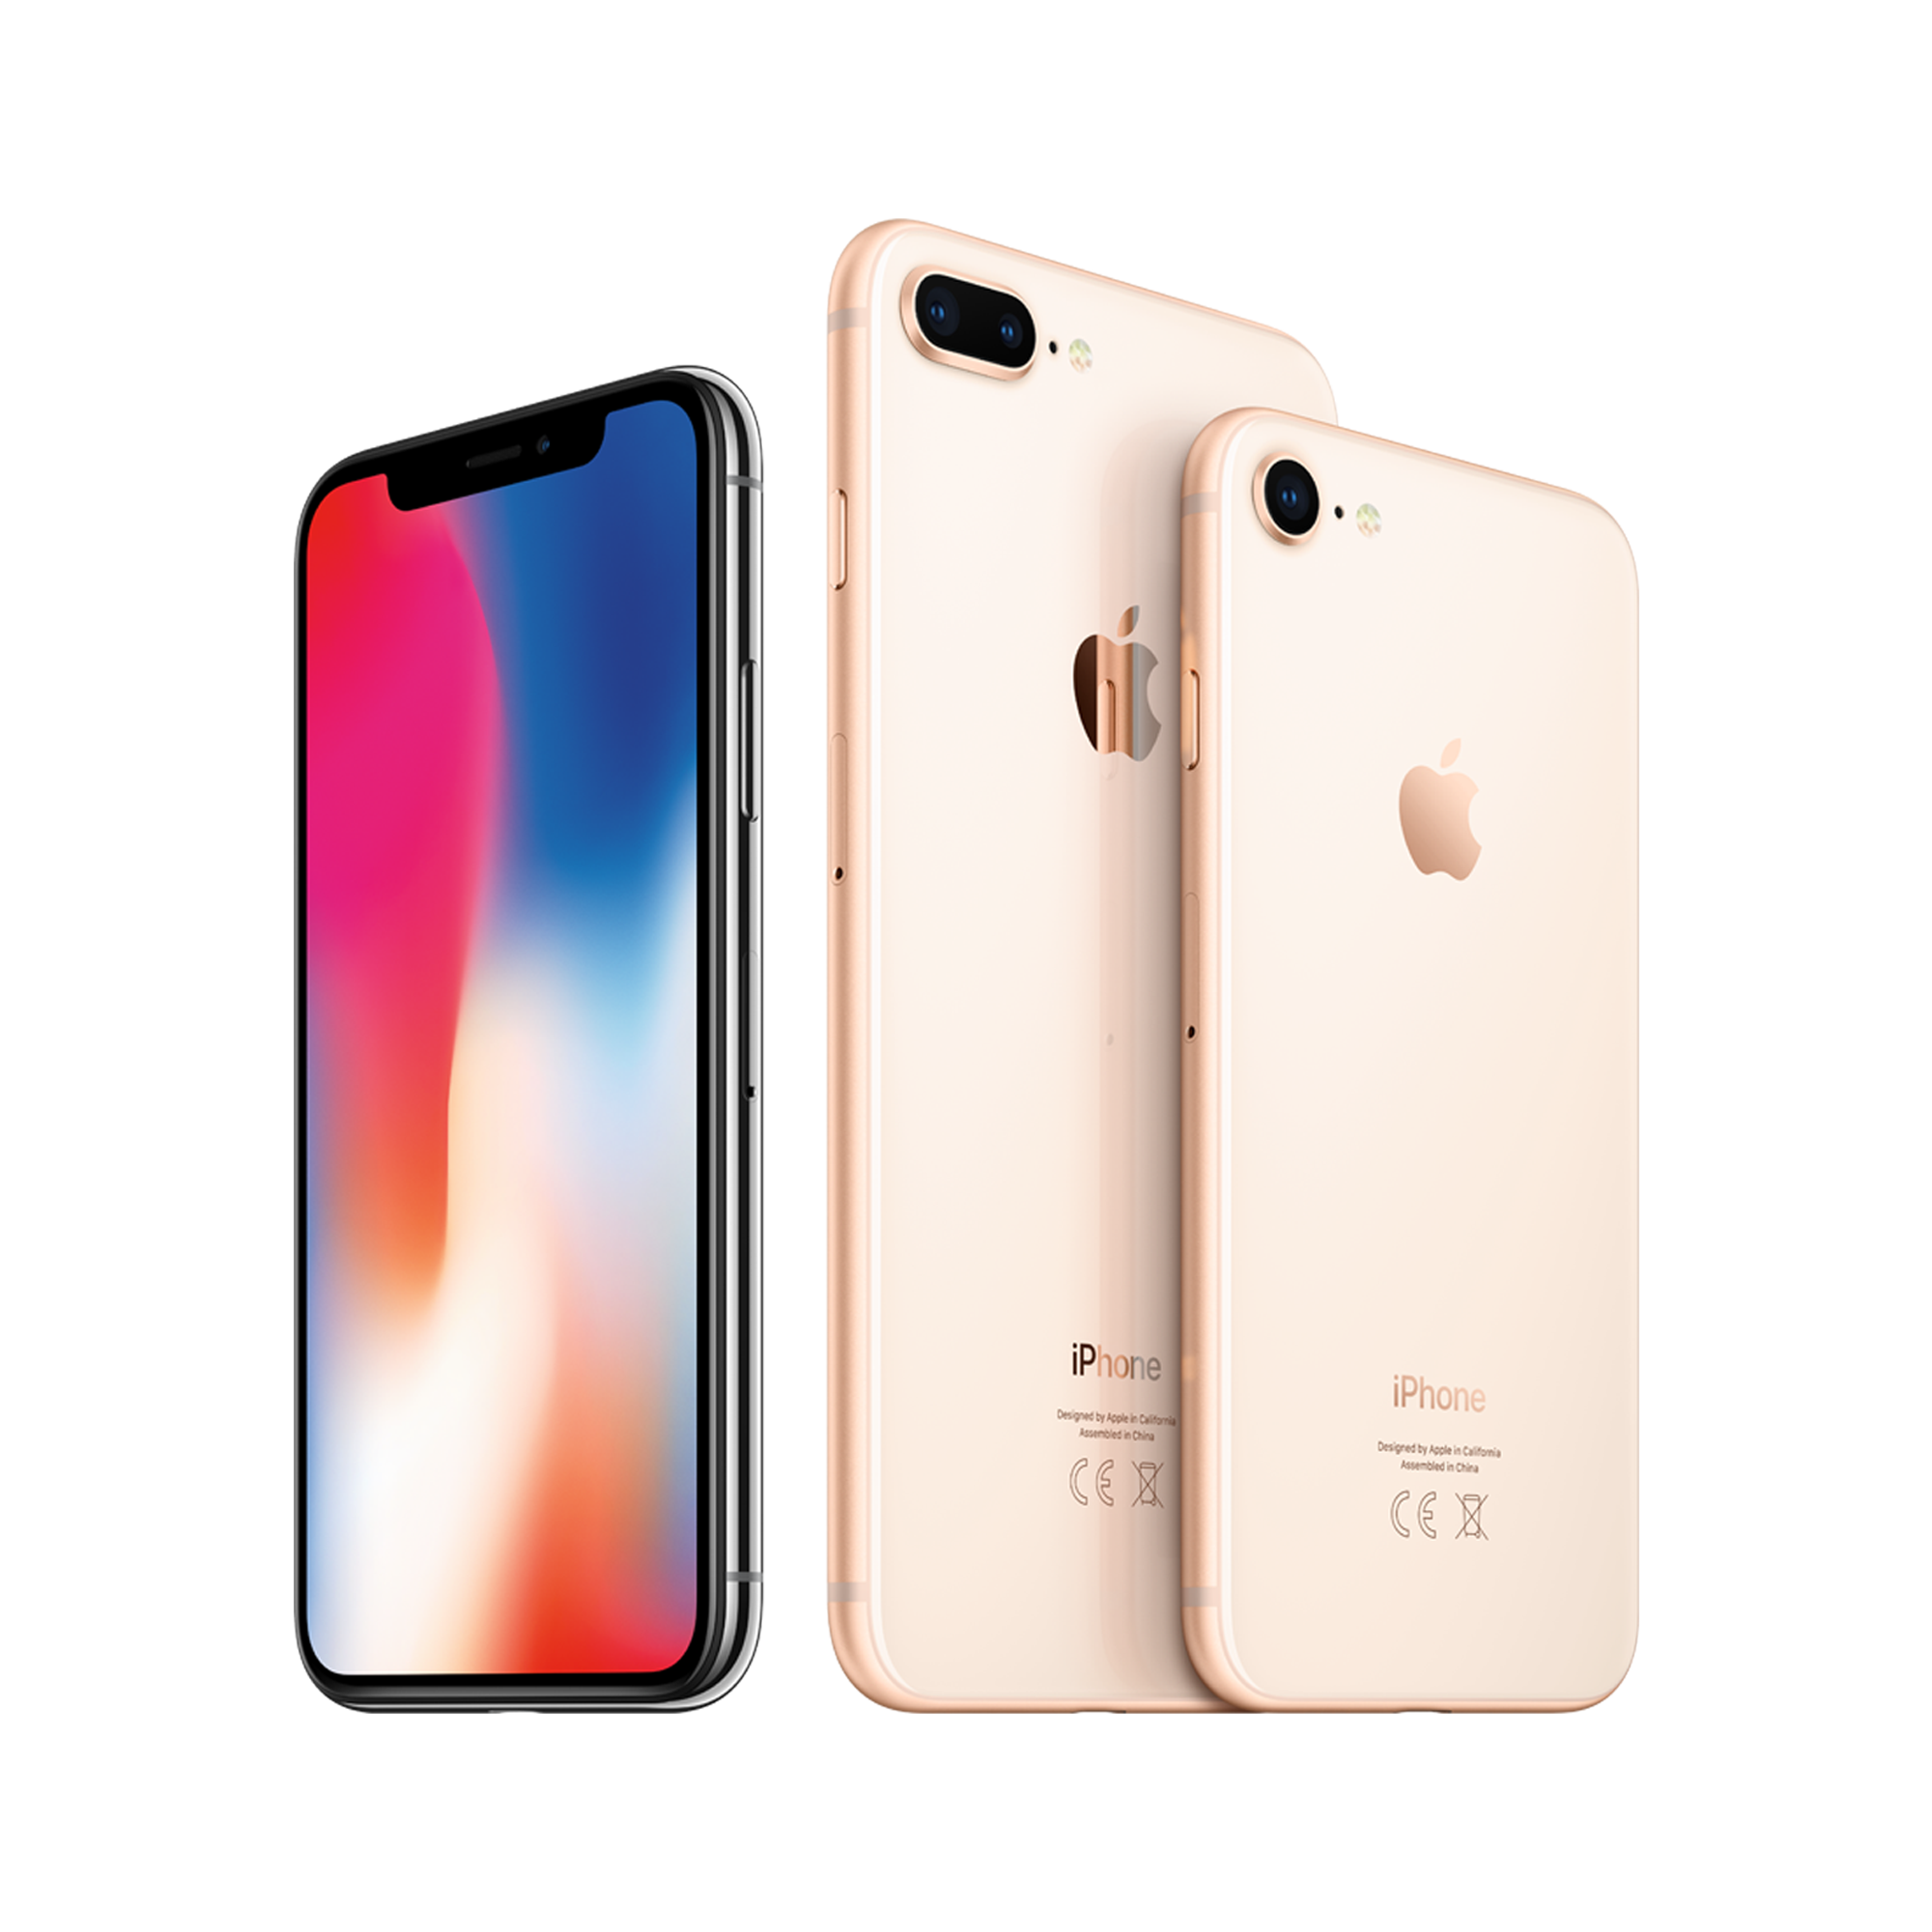 2020 En İyi Telefonlar - Daha İyi Kamera! İnce Tasarım! Uzun Pil Ömrü!